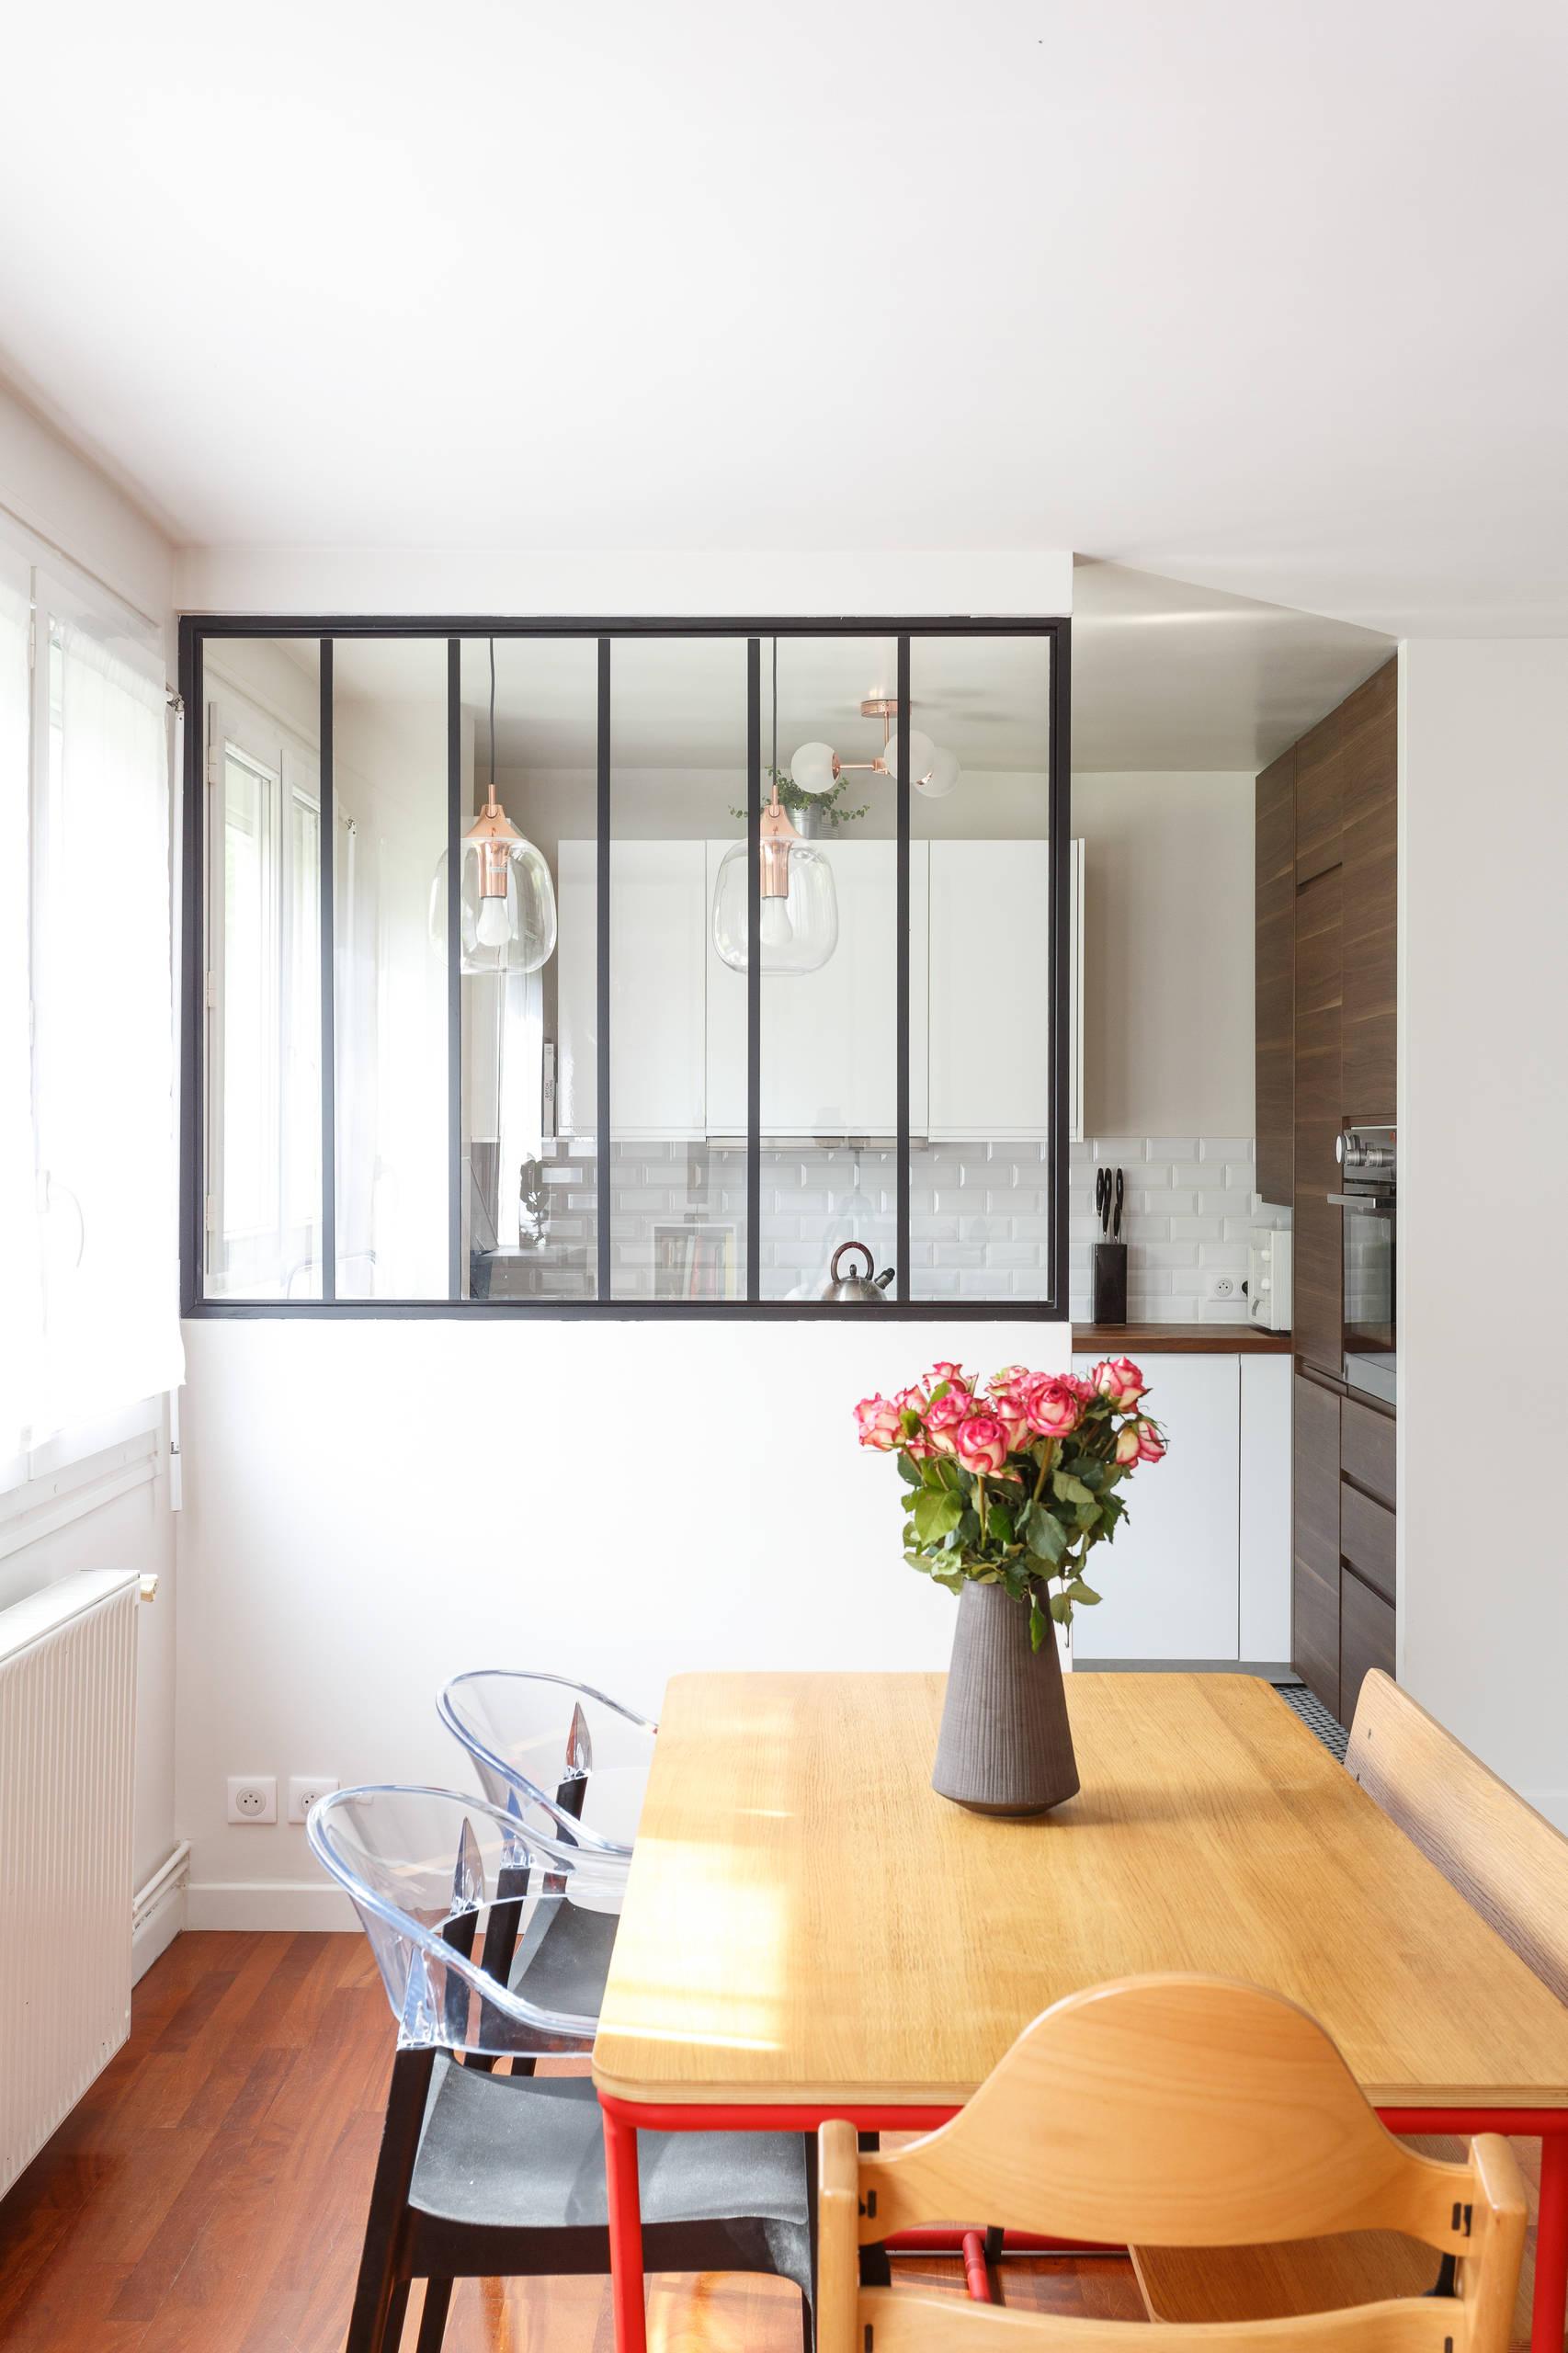 Avant/après Comment optimiser l'agencement d'une cuisine et de son entrée